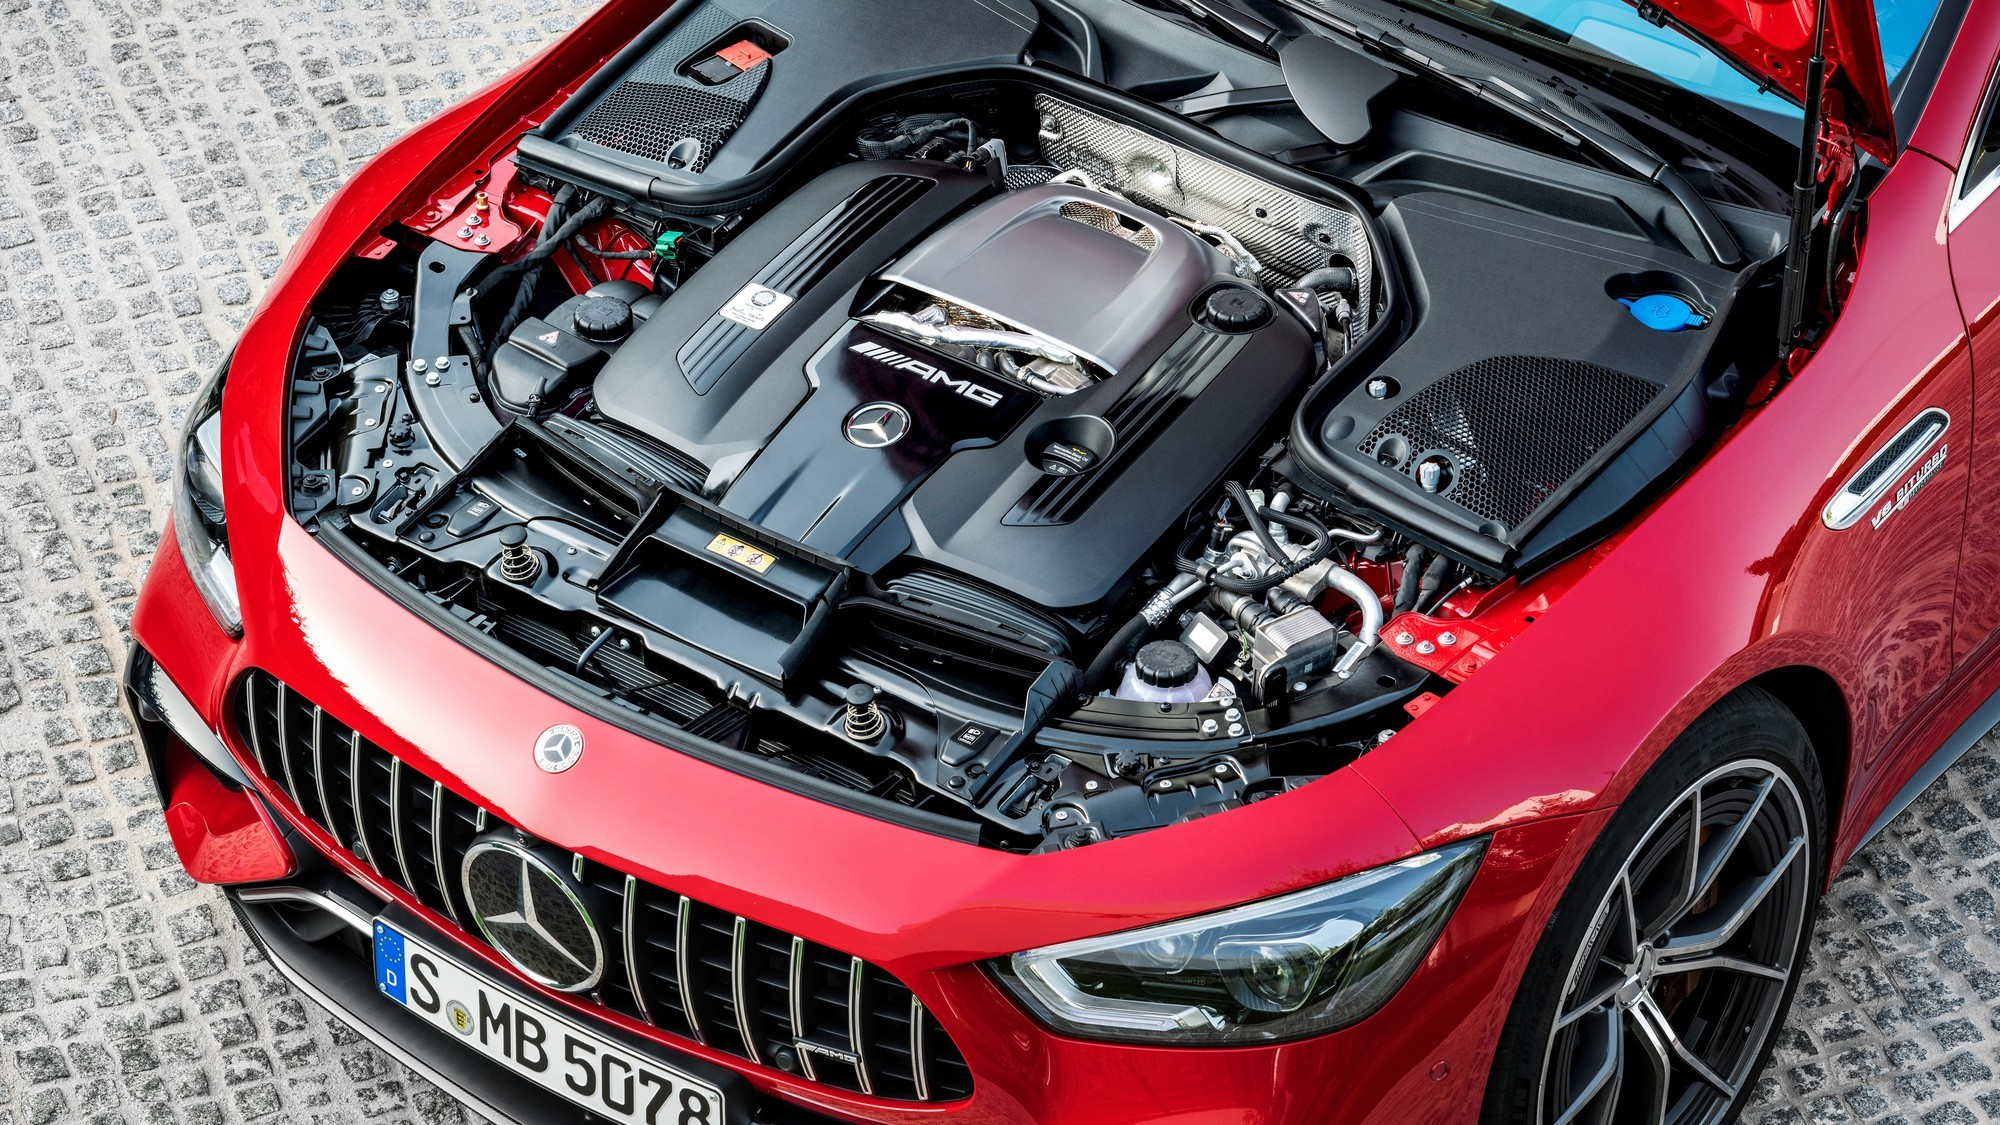 Mercedes-AMG GT 63 S E Performance: избыточная сложность и 12 км на одной зарядке